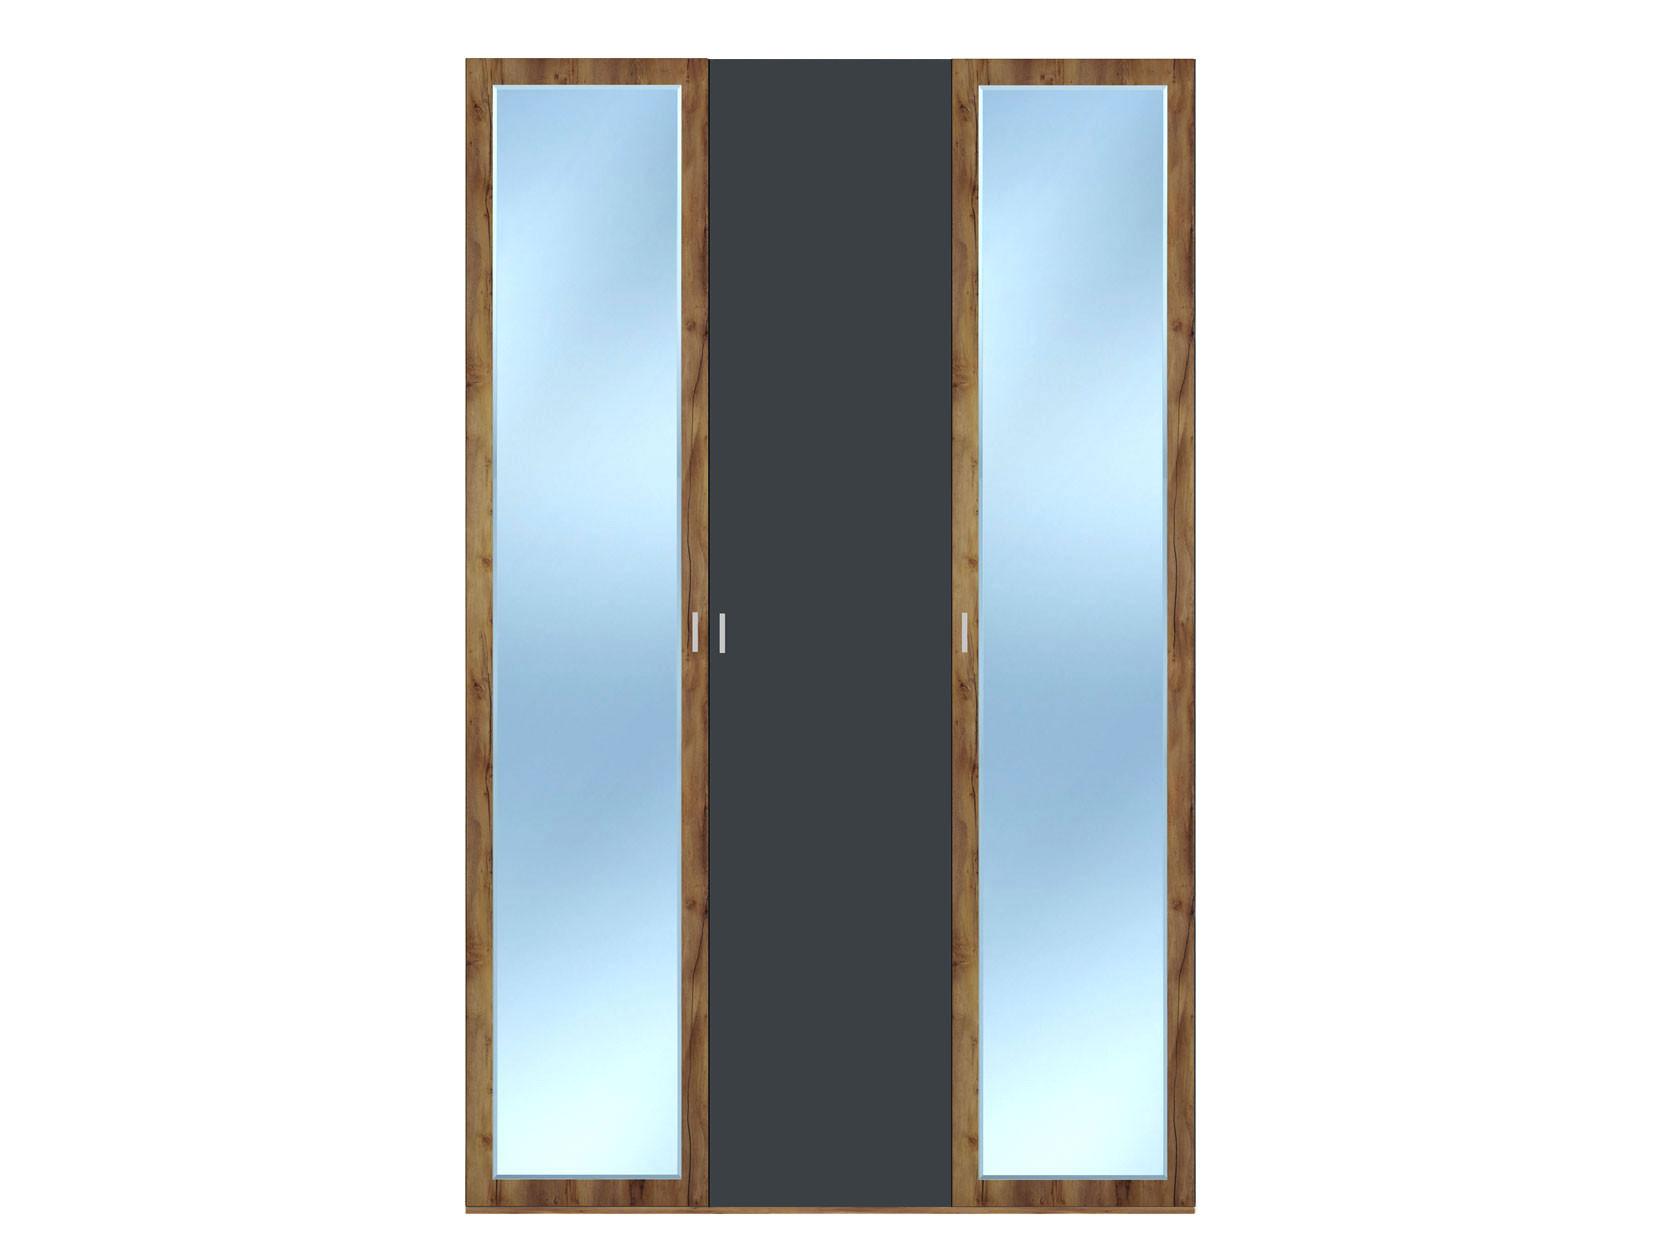 Распашной шкаф  3-х дверный Вега Бавария Таксония медовая / Антрацит, С двумя зеркалами, Без топа-накладки КУРАЖ 104974